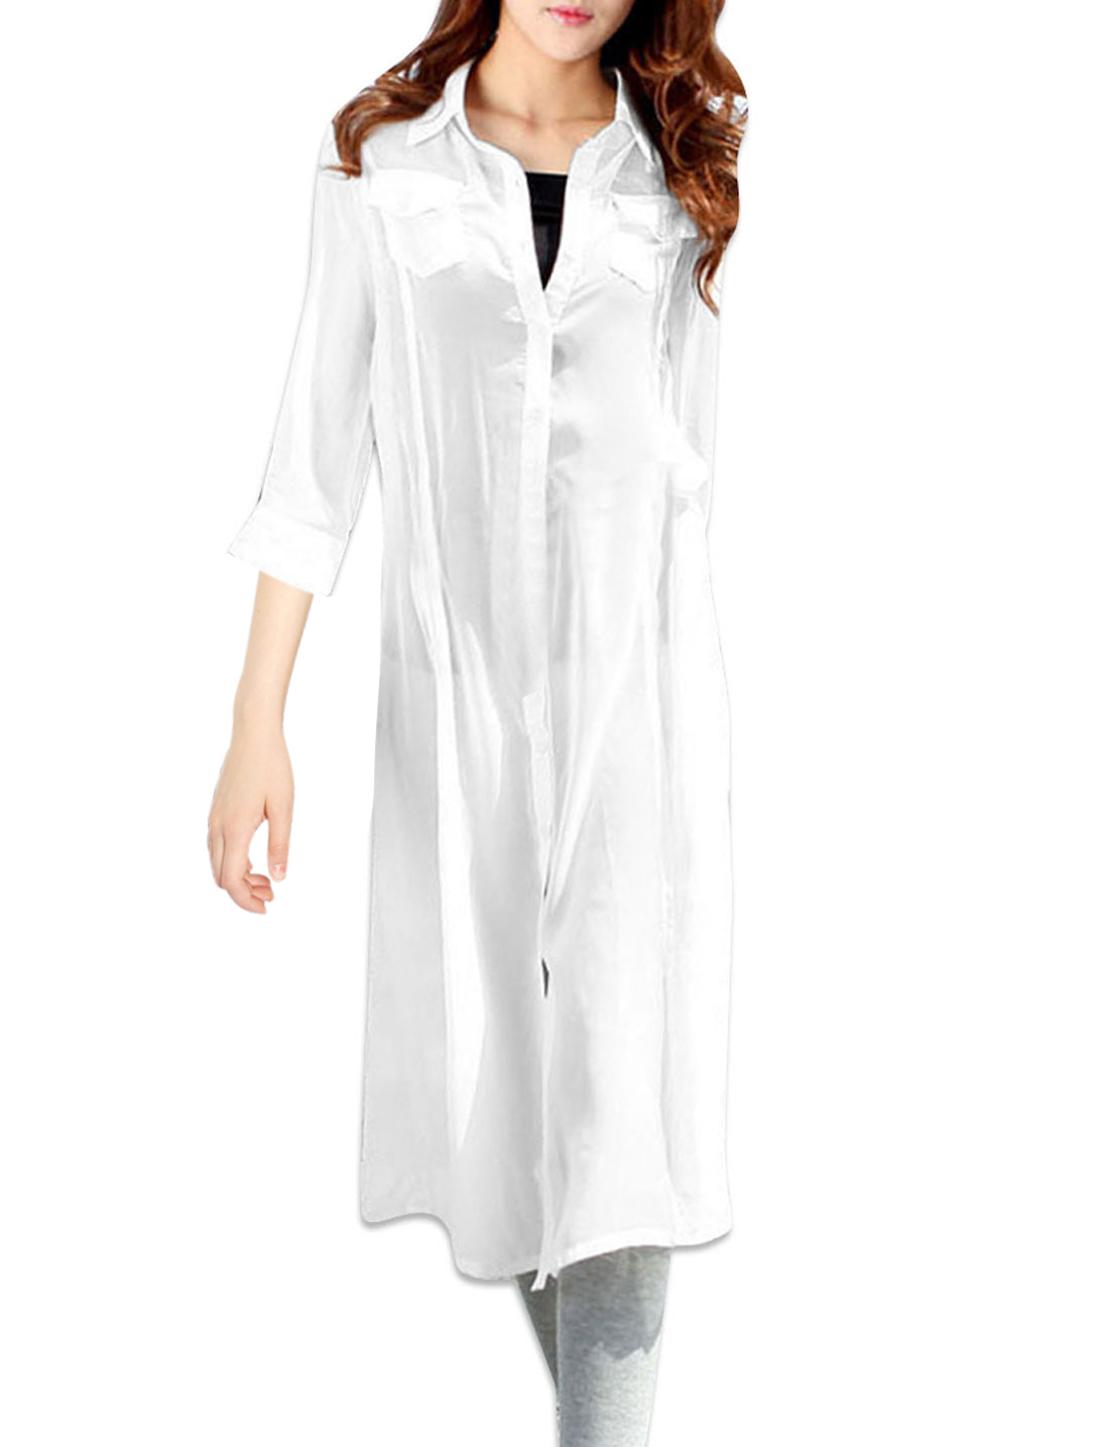 Woman Chic Pure White Color Button Down Semi-Sheer Chiffon Shirt Dress XS